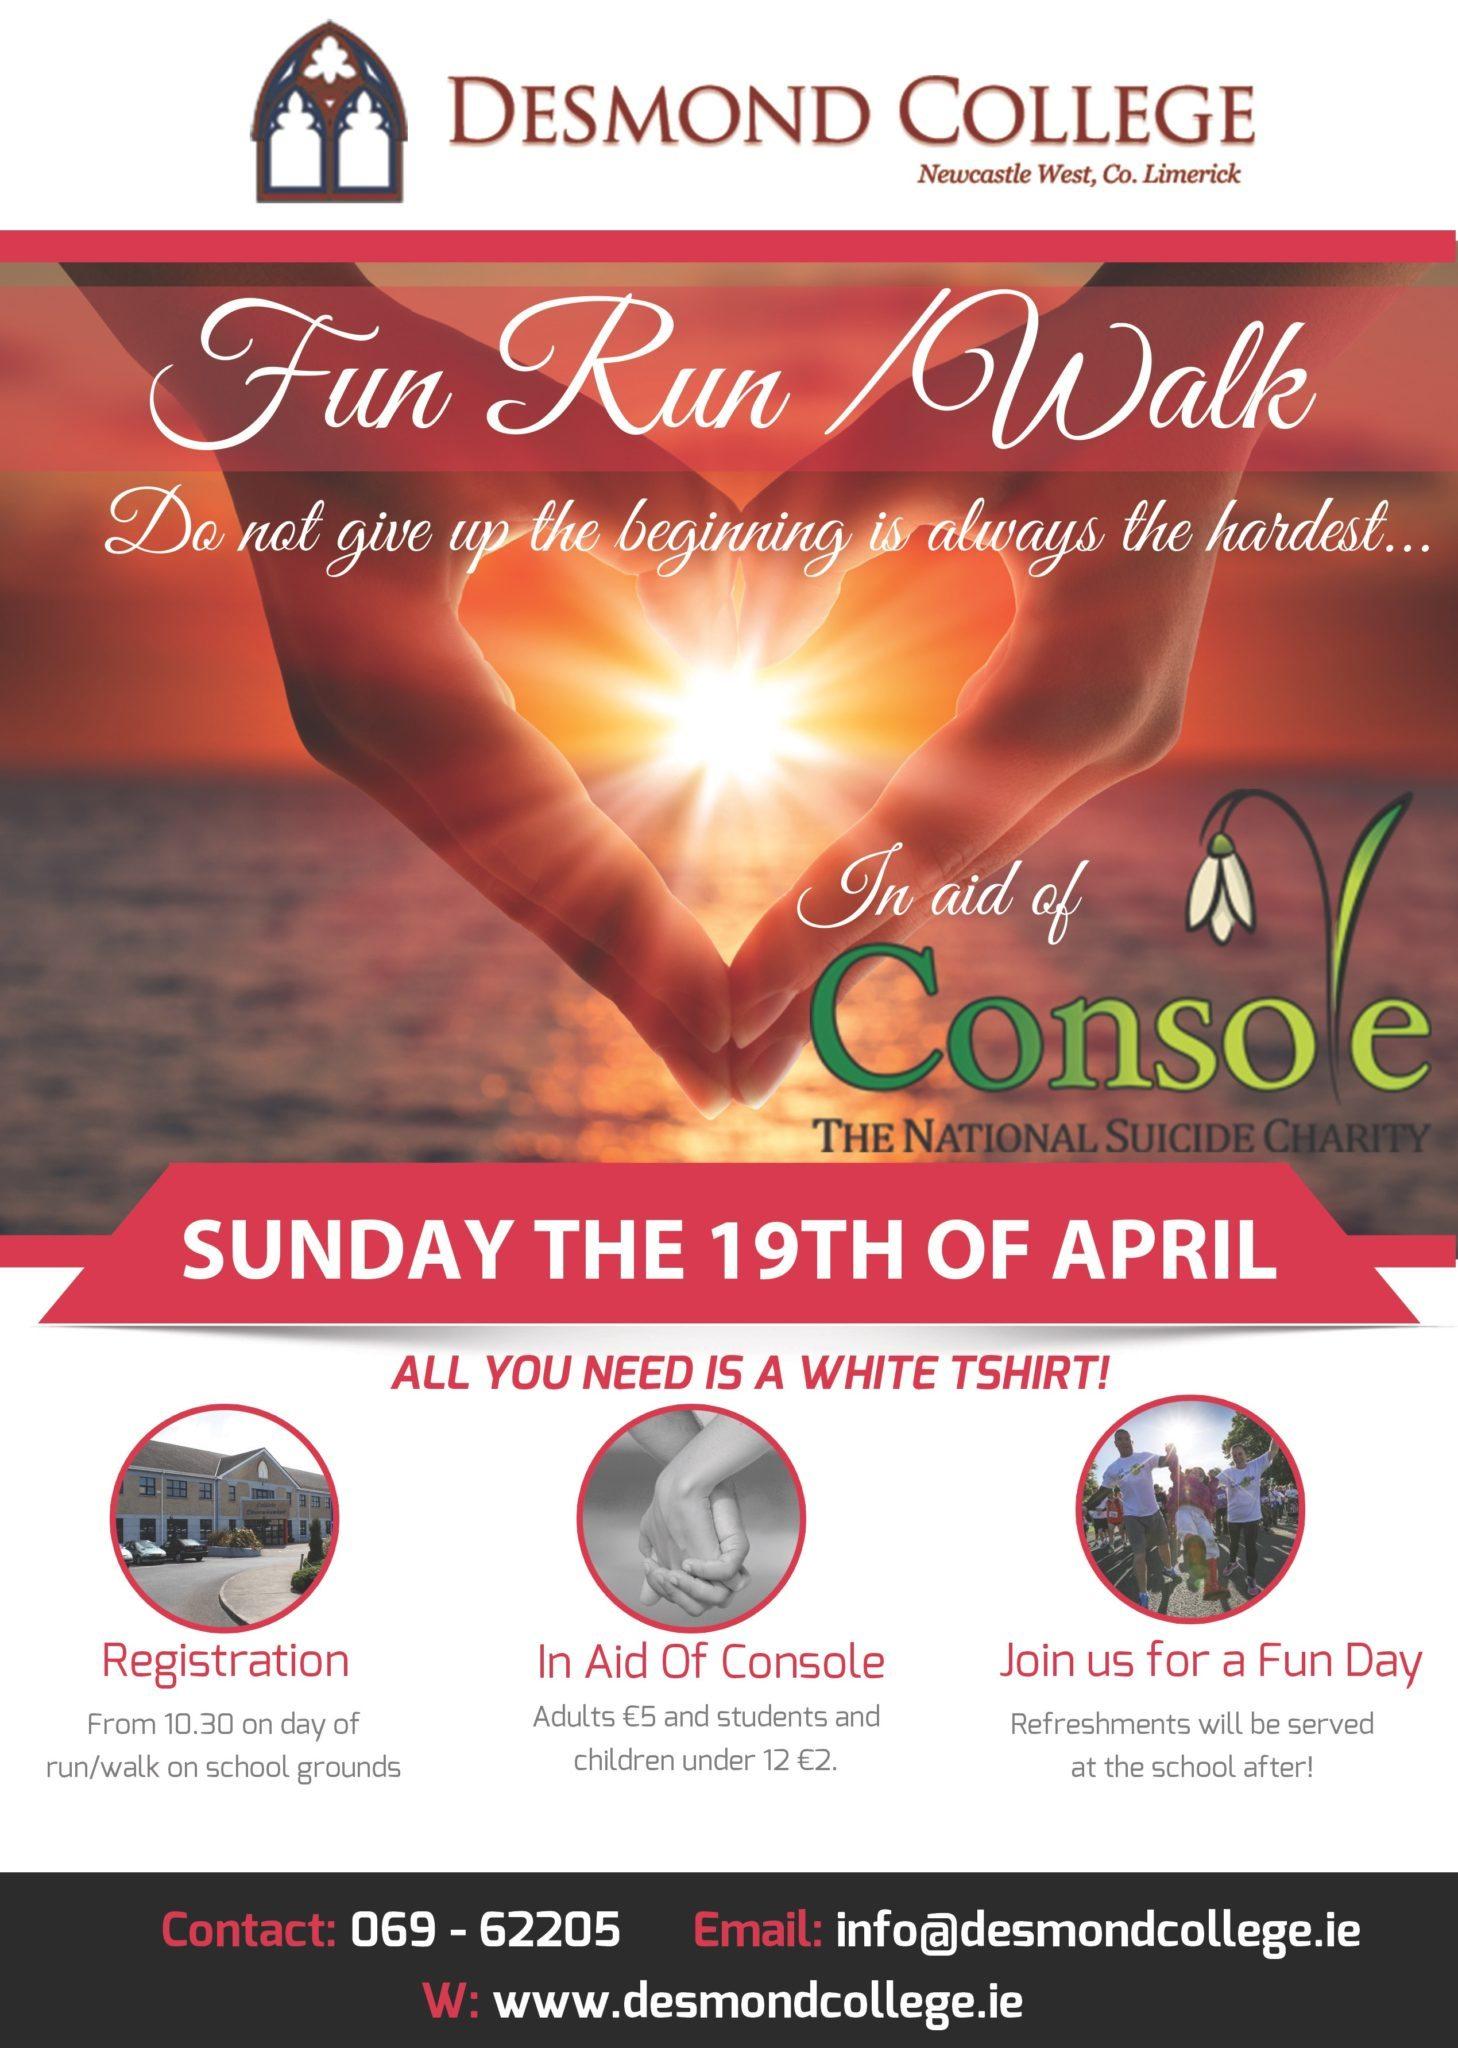 Pull_Together 5km Fun Run/ Walk